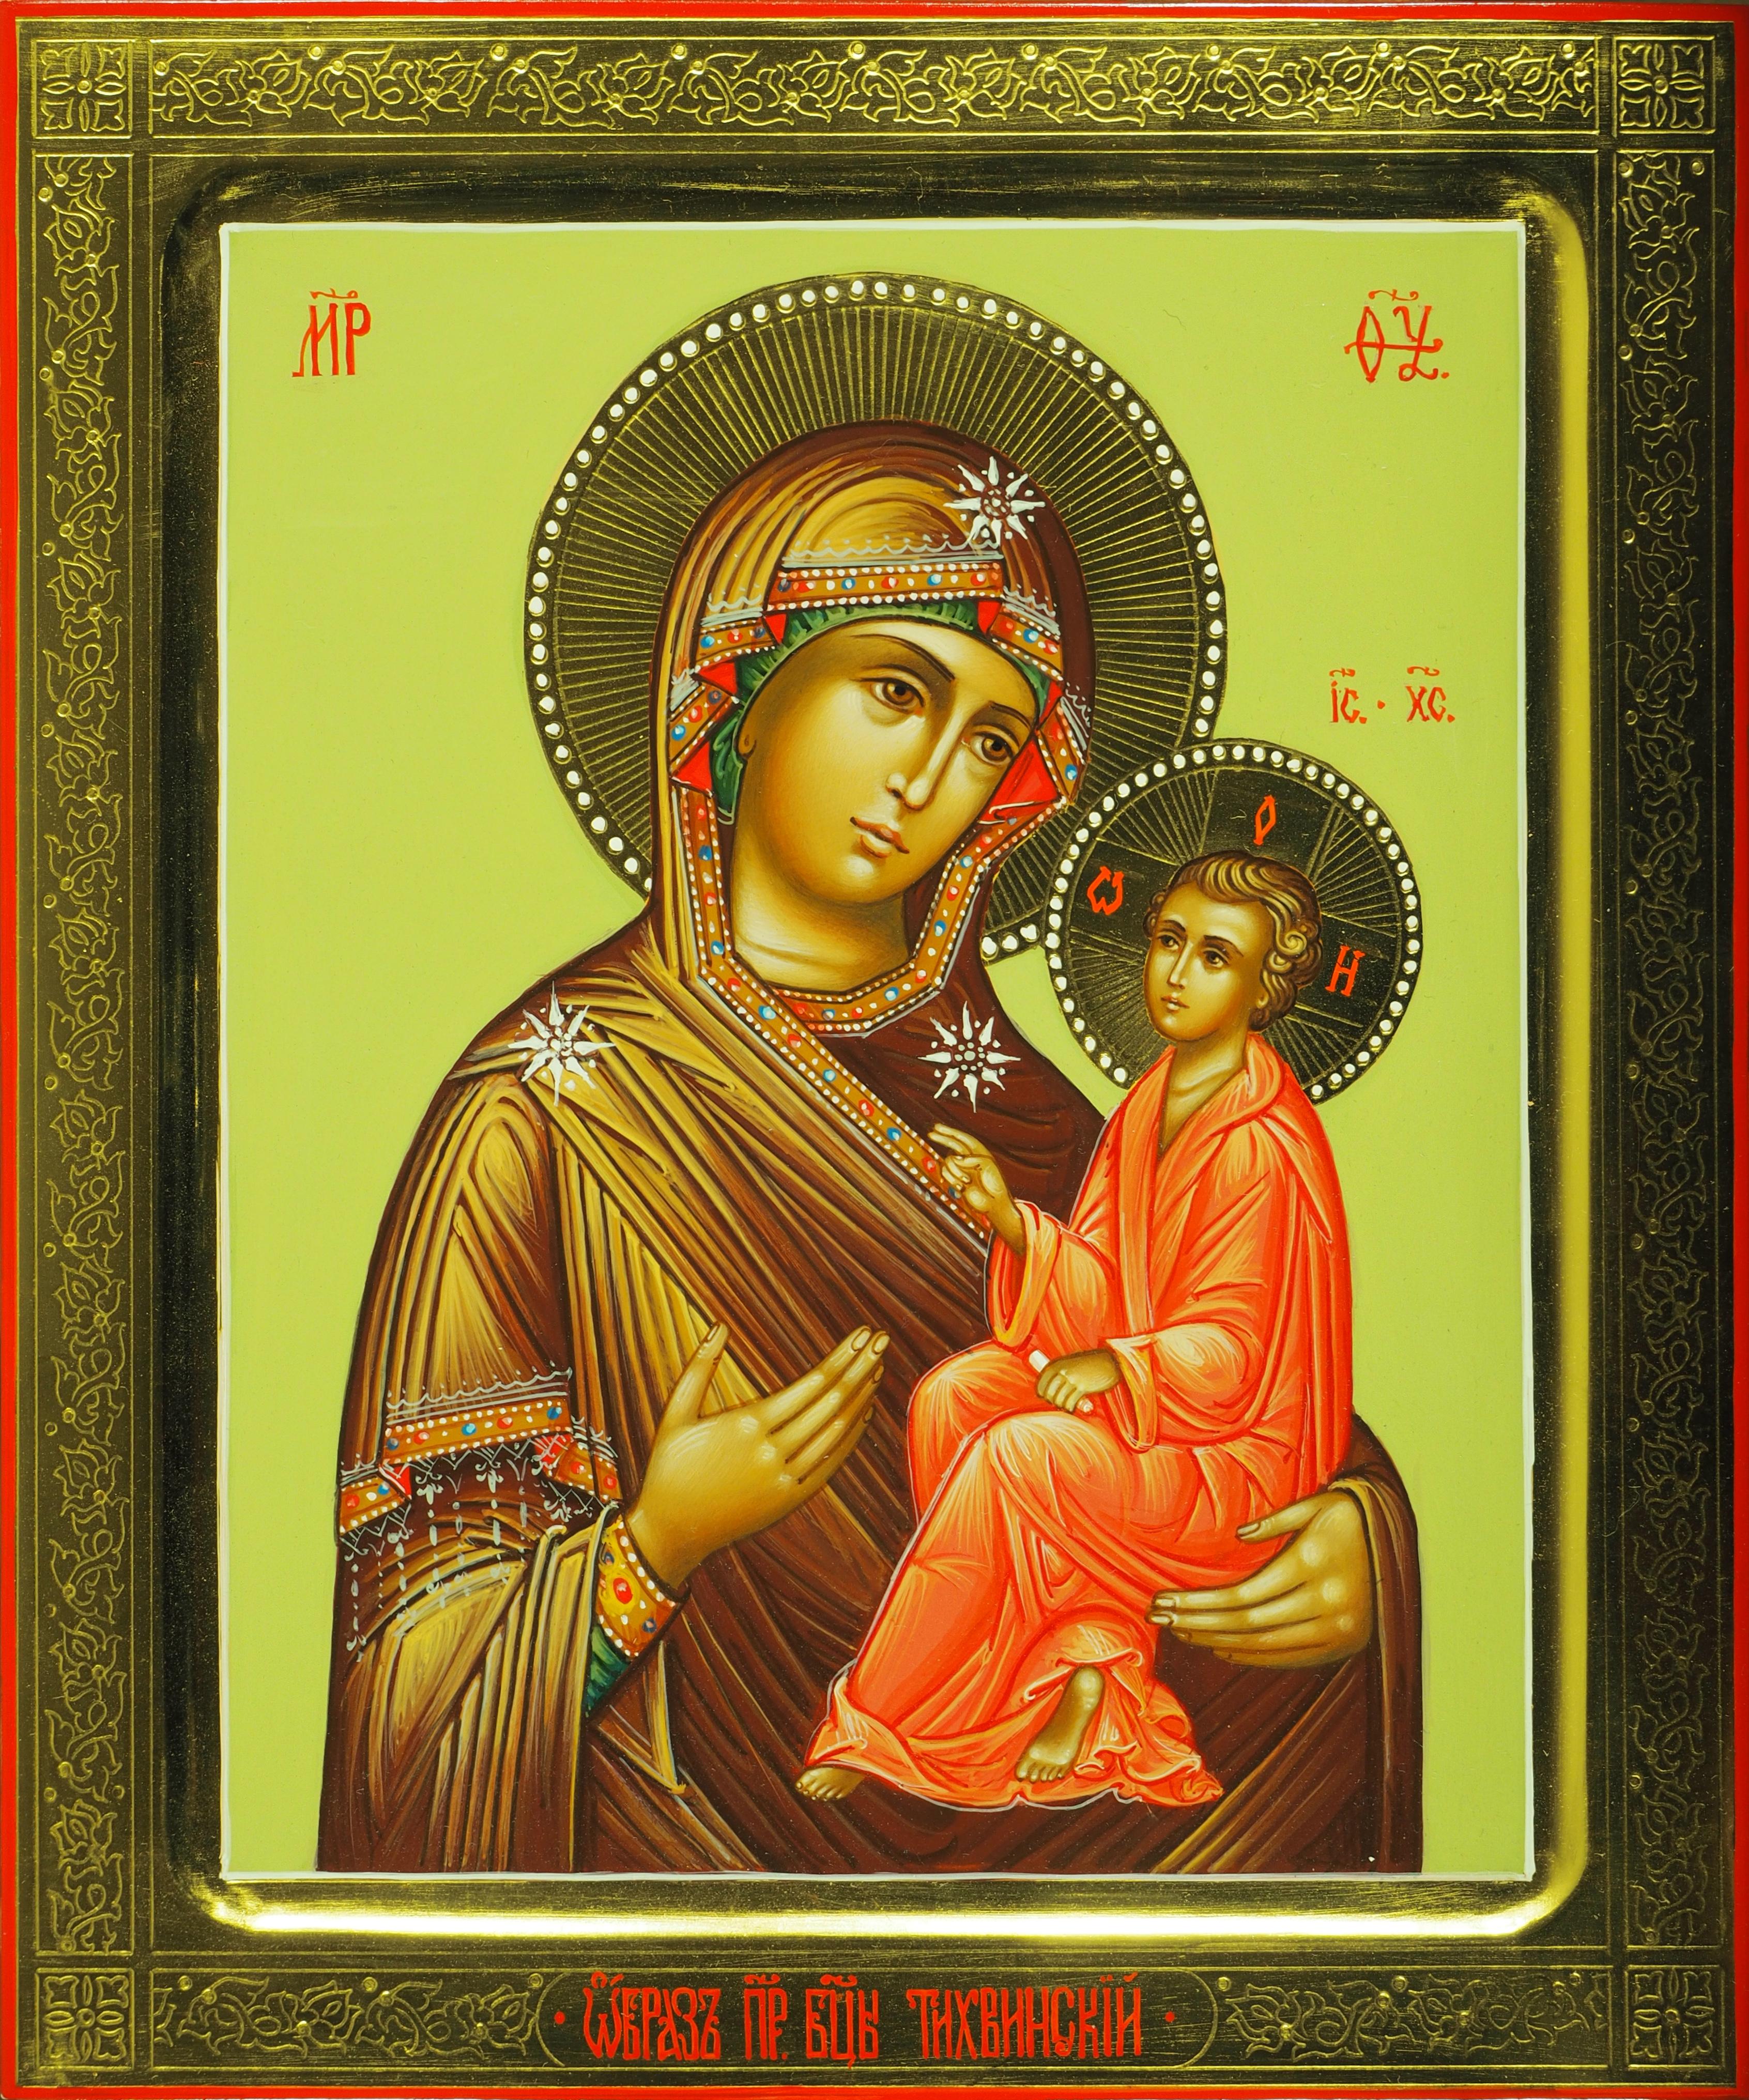 Тихвинская икона пресвятой богородицы фото